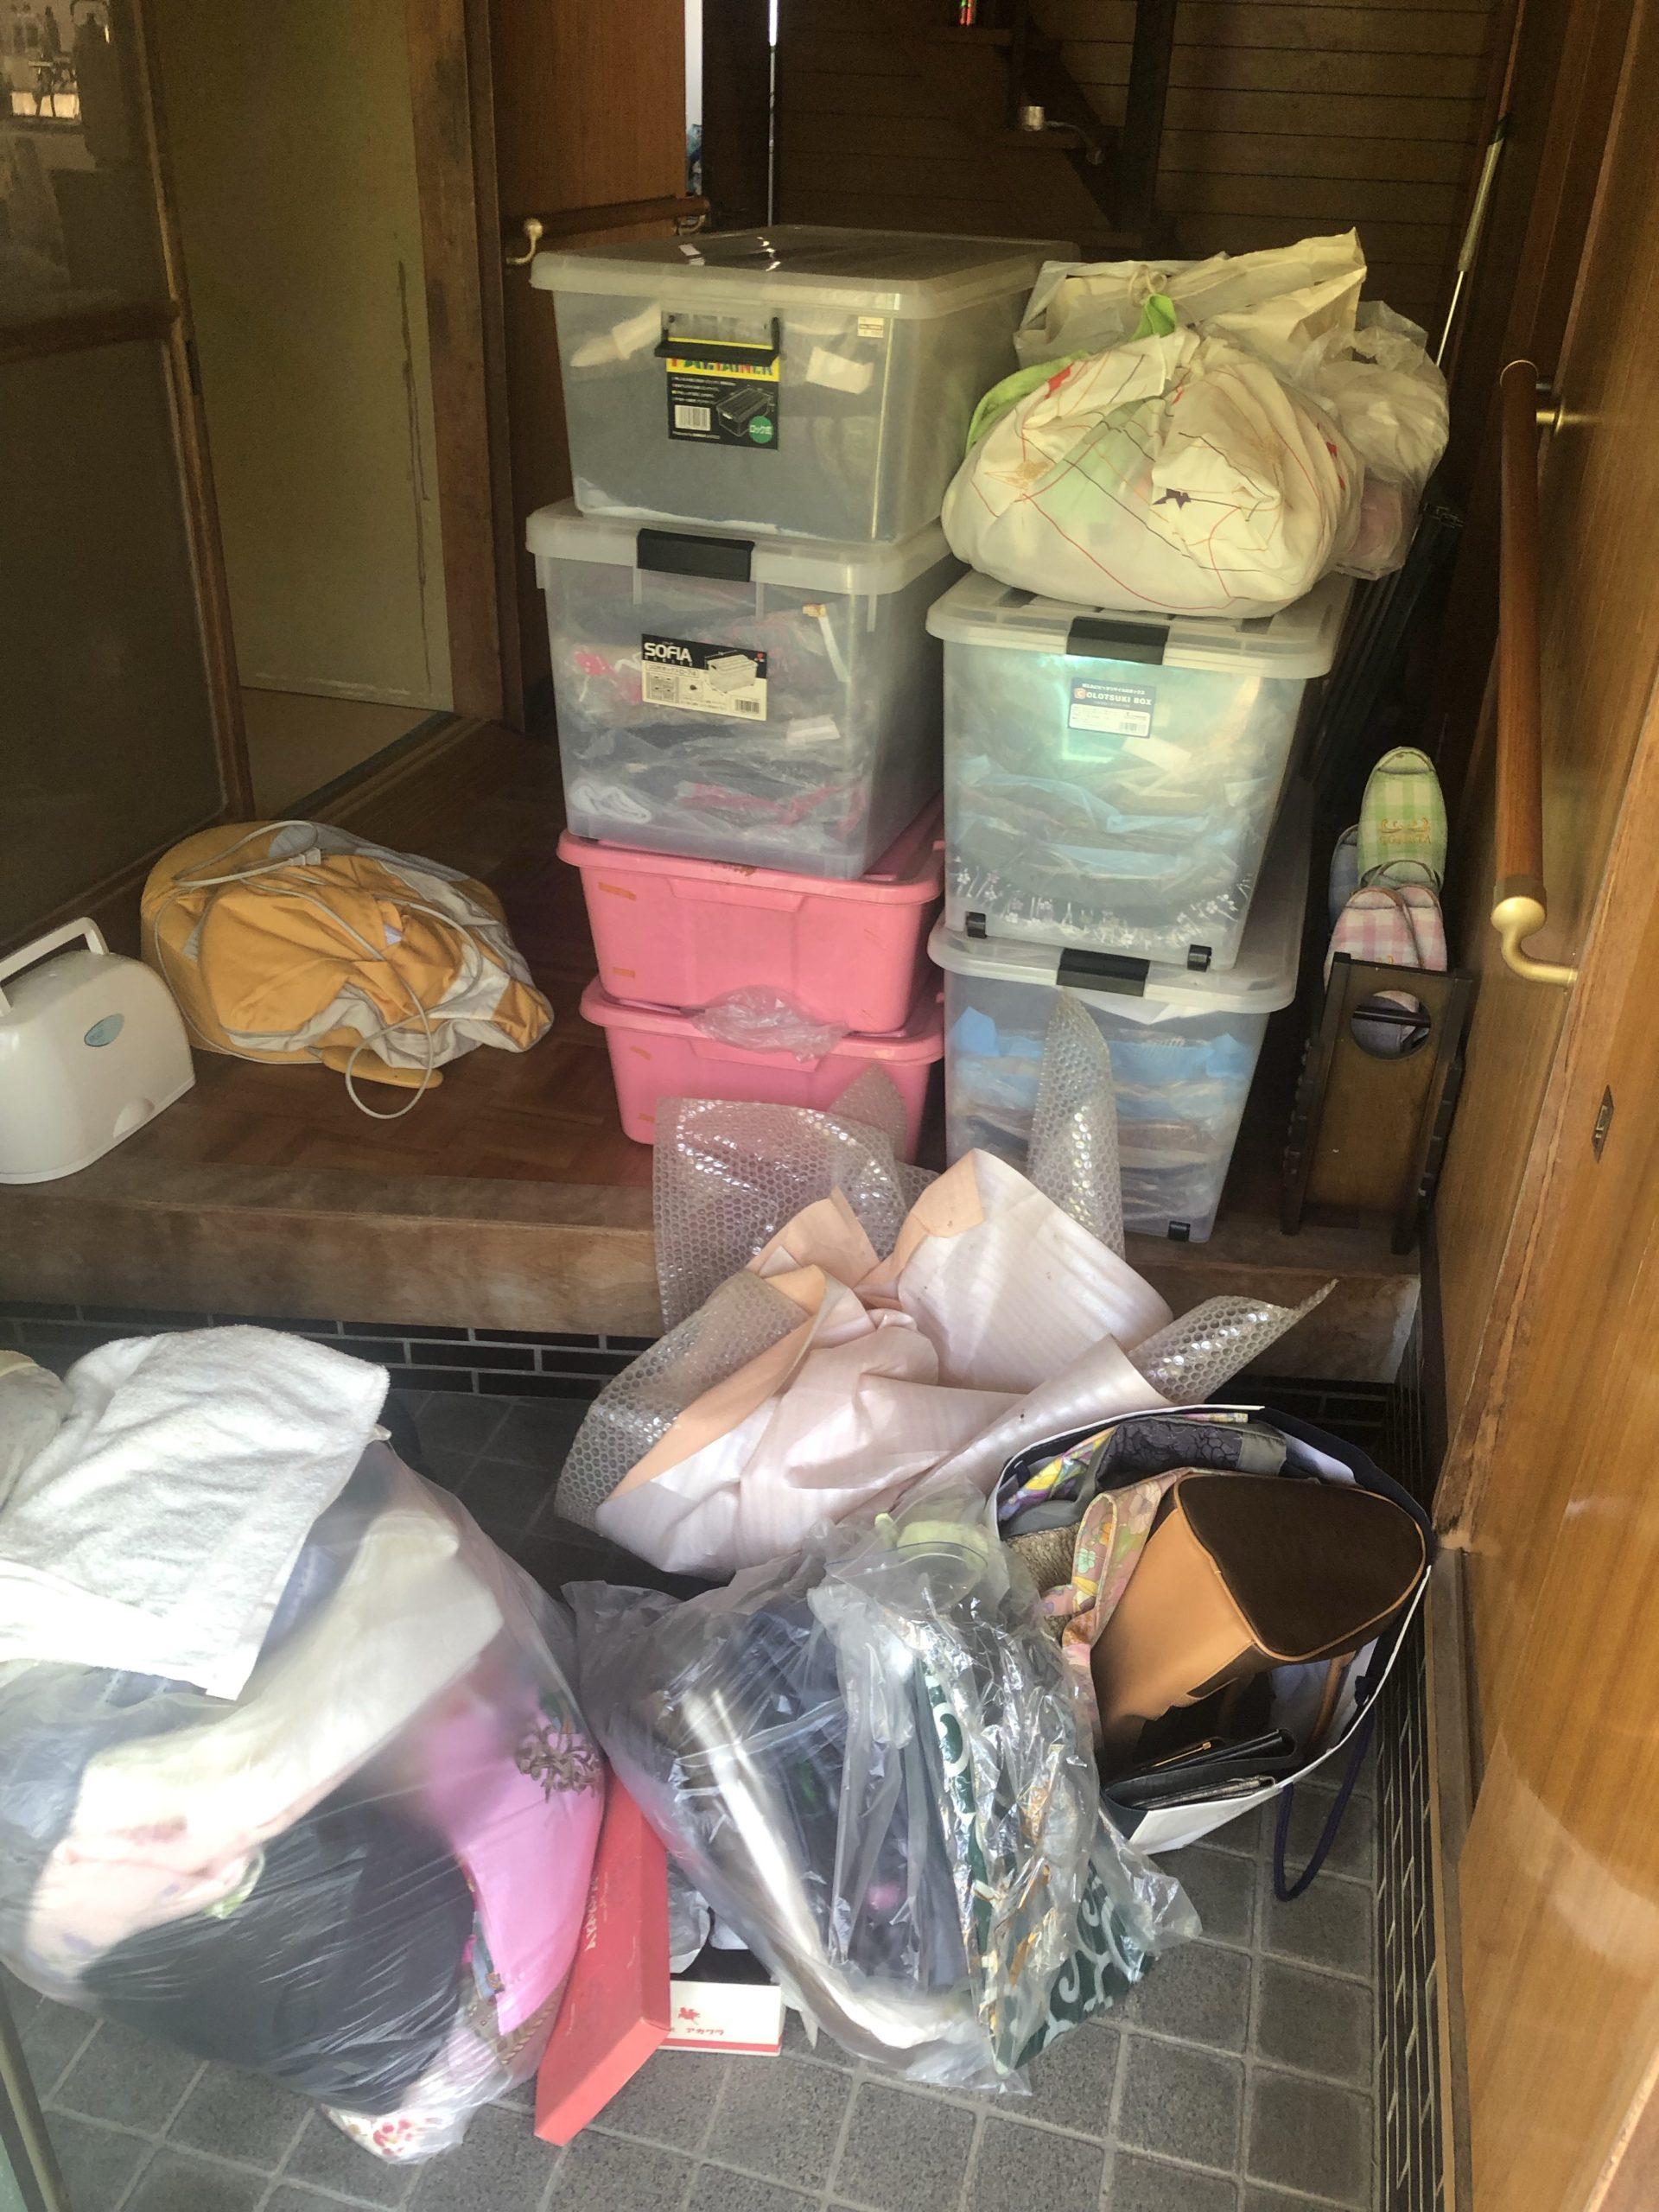 三重県津市や松阪市で不用品回収や処分のご相談。遺品整理や生前整理、家屋解体工事の見積り業者なら株式会社kousui